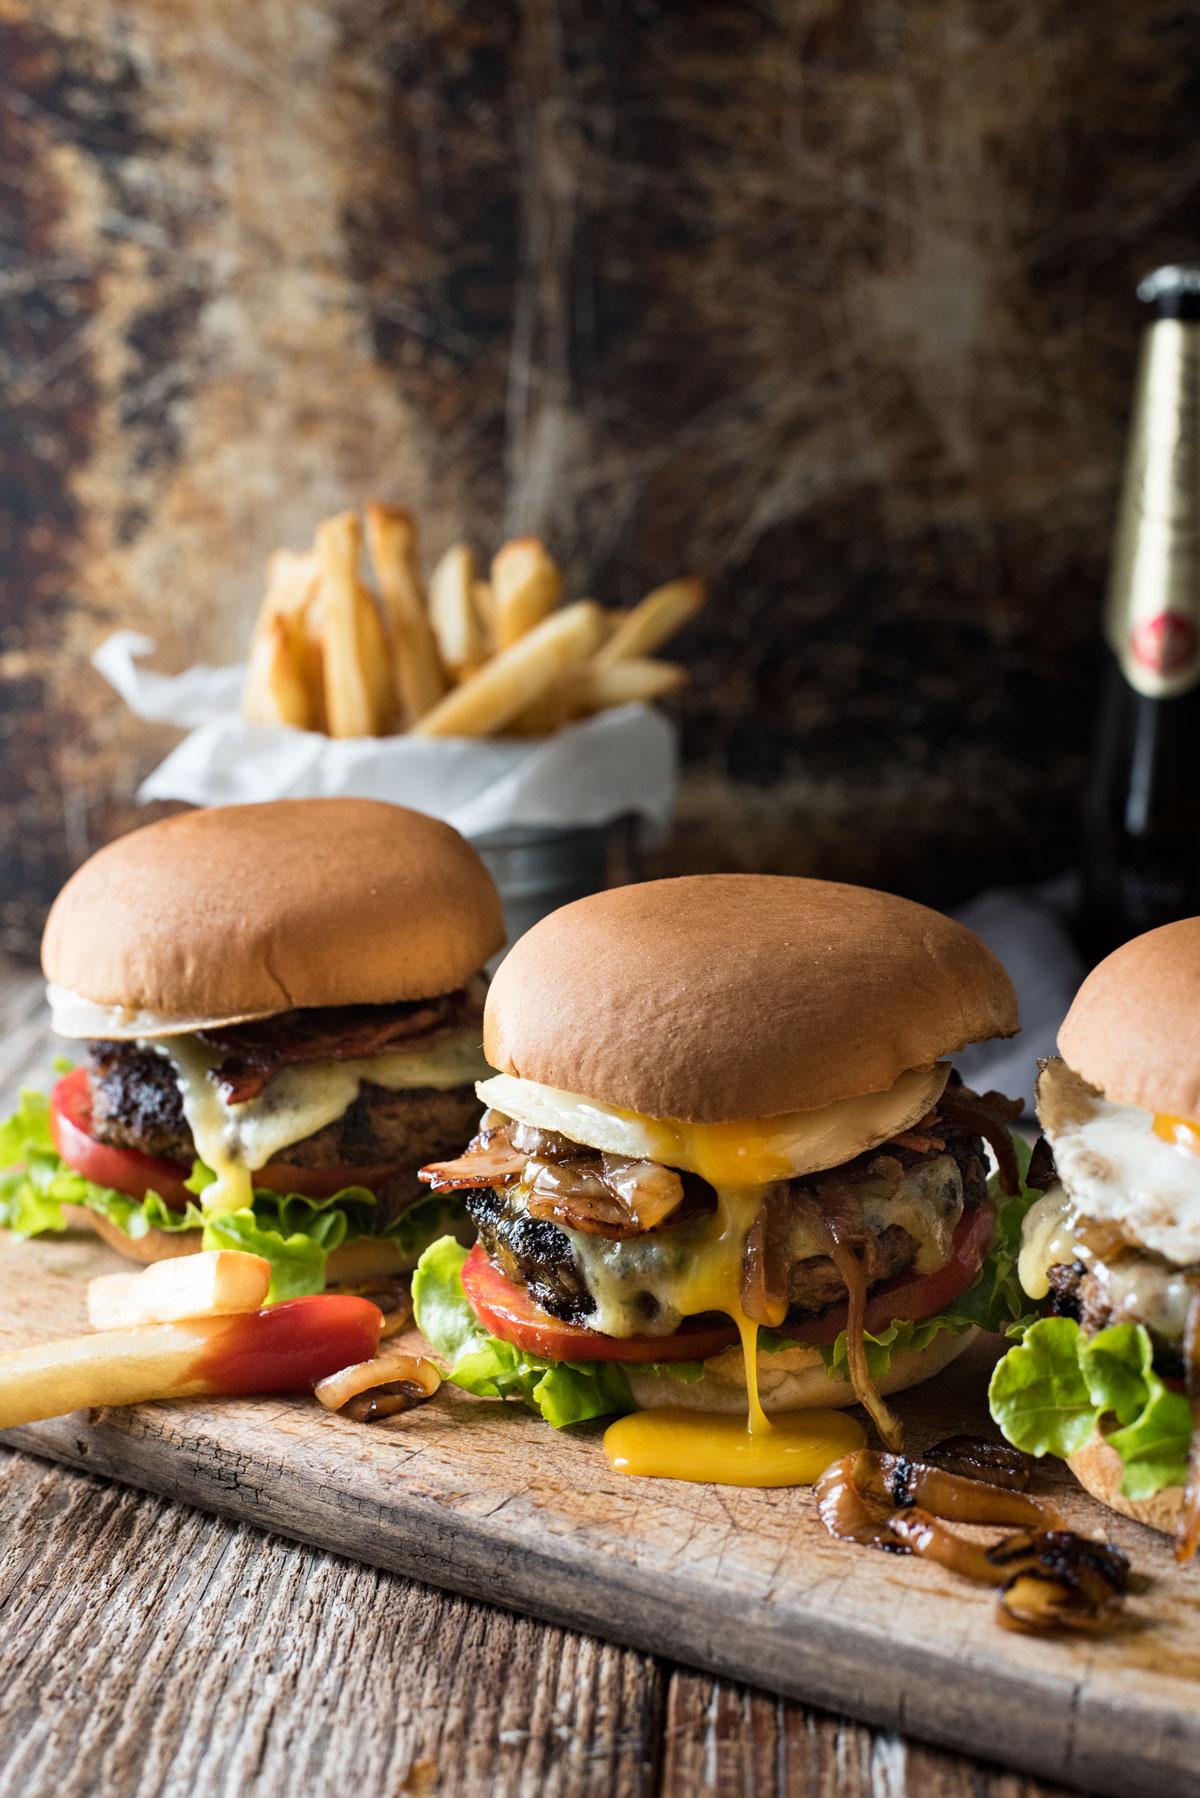 come-mangiare-hamburger-bon-ton-buone-maniere-educazione